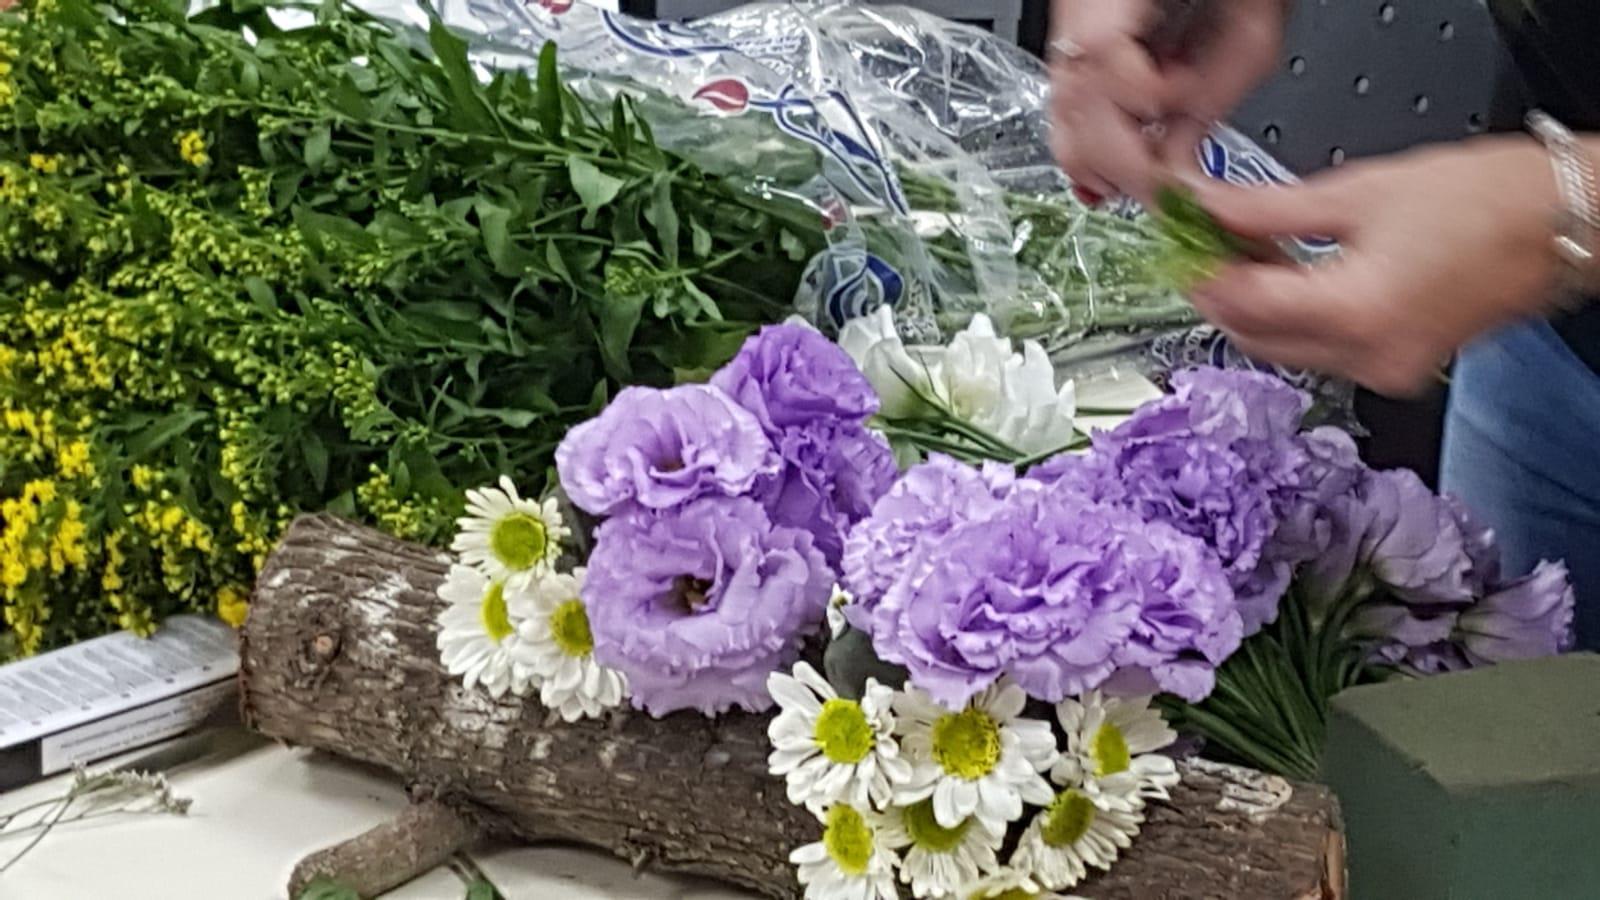 גלרייה - שיעור שזירת פרחים - קורס הפקת אירועים מחזור 24, 29 מתוך 35